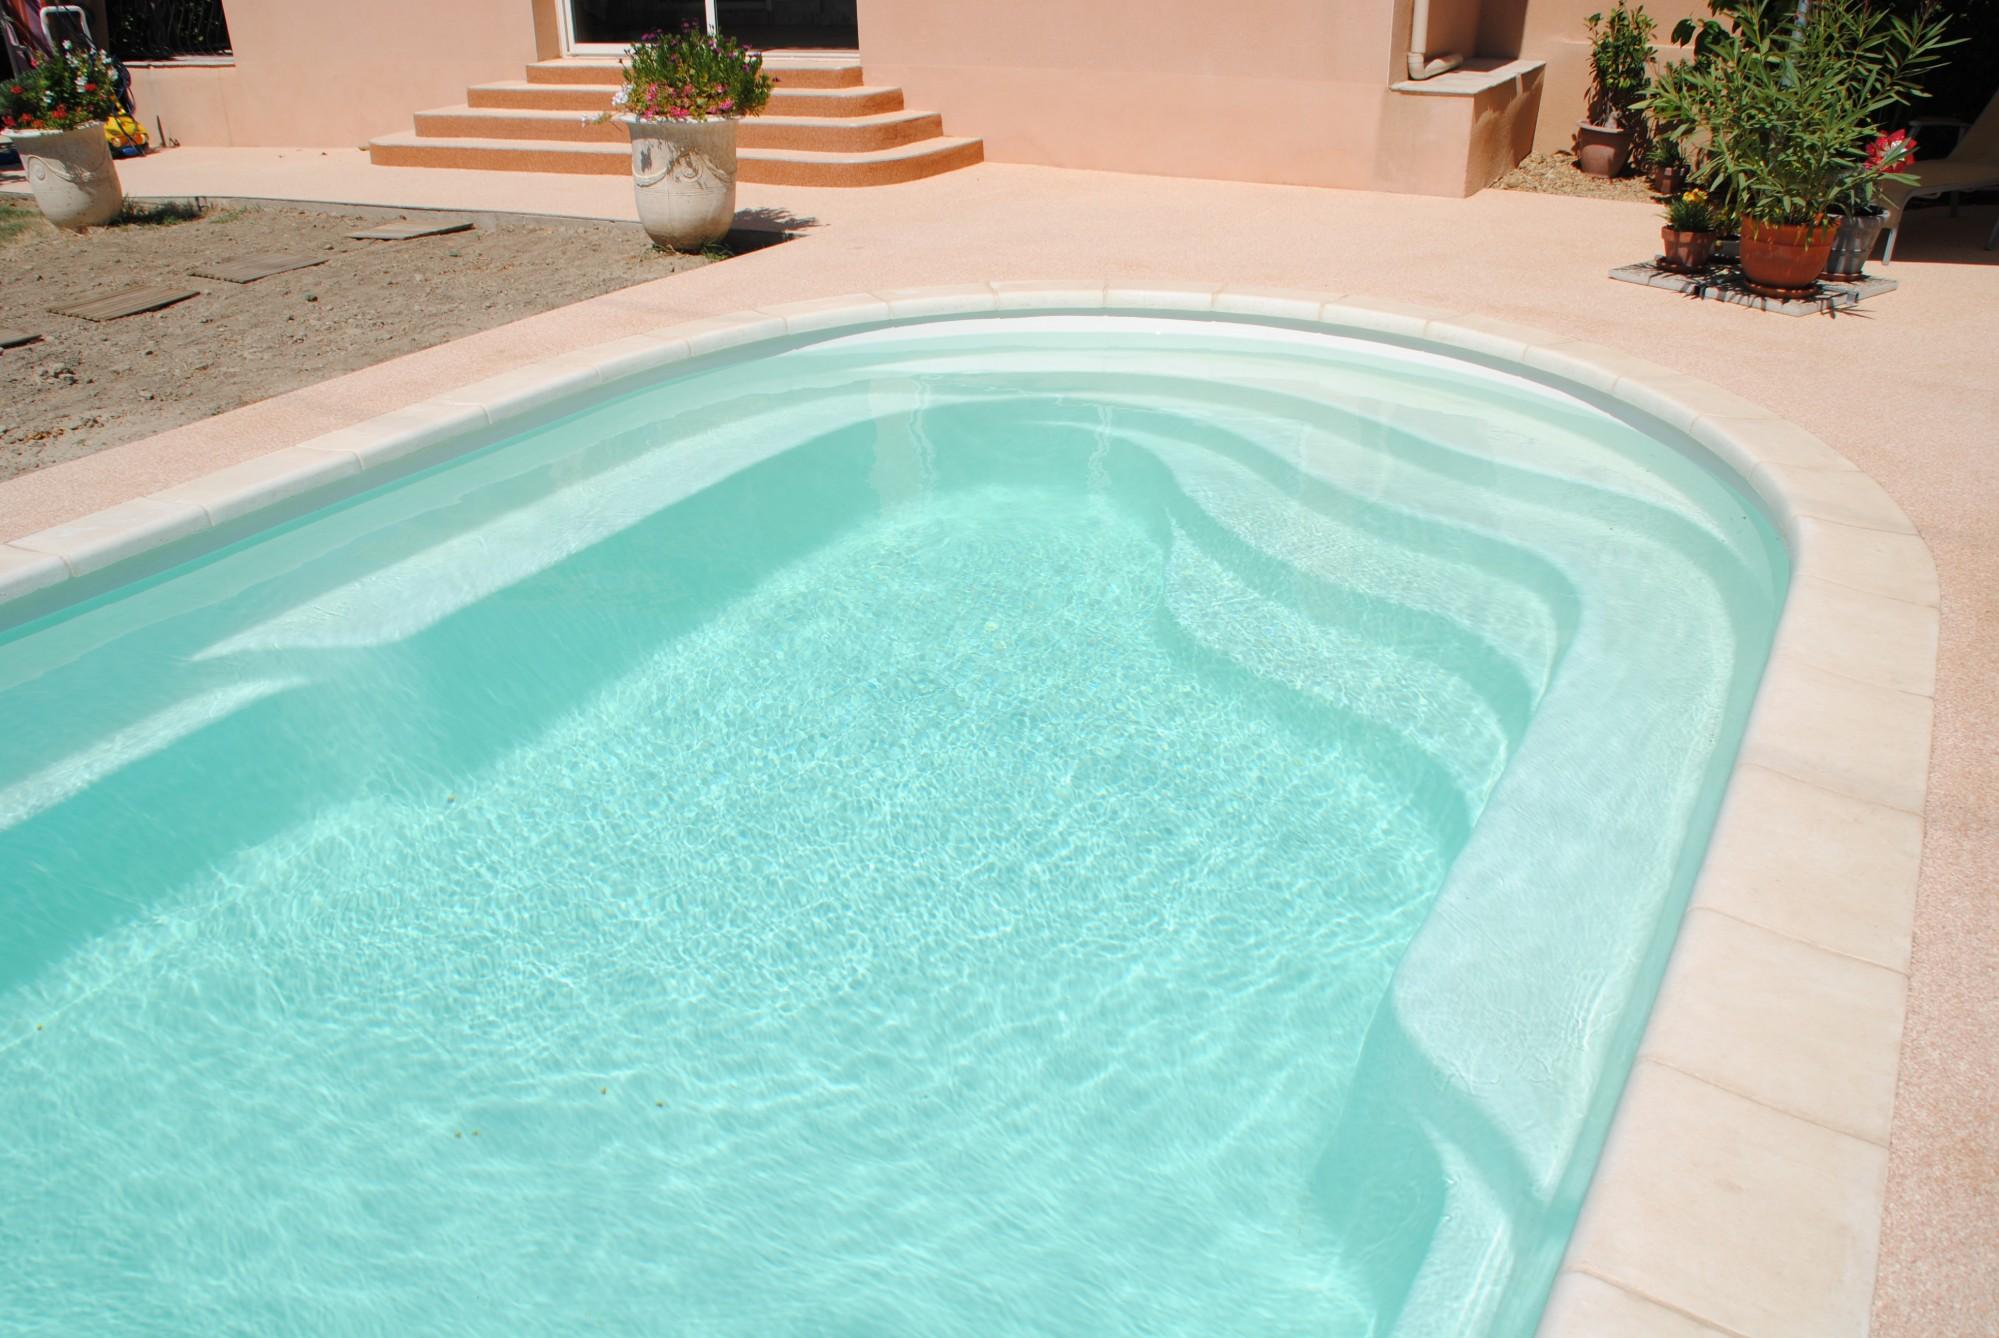 D clic piscines la bonne piscine charente maritime - Entretien piscine coque polyester ...